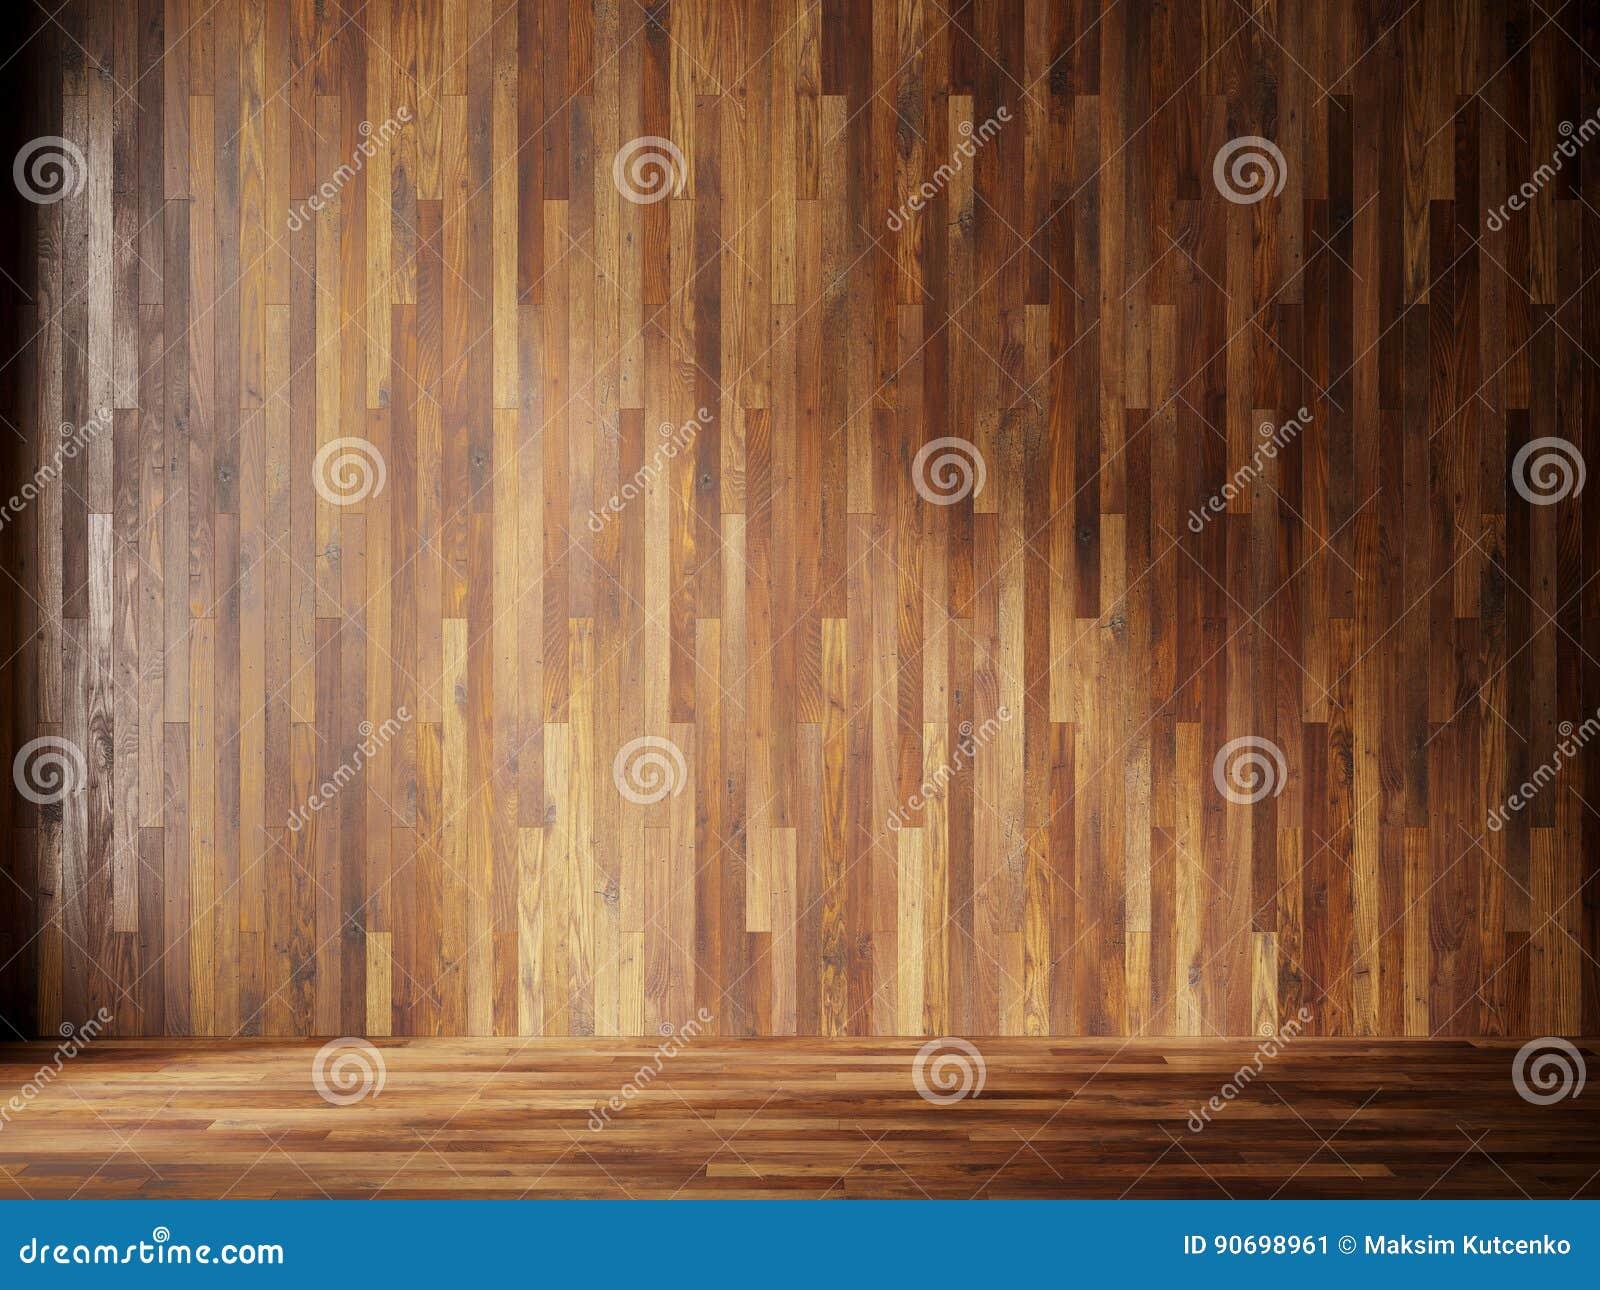 In Legno Wood Design illustrationen framför den naturliga inre med wood